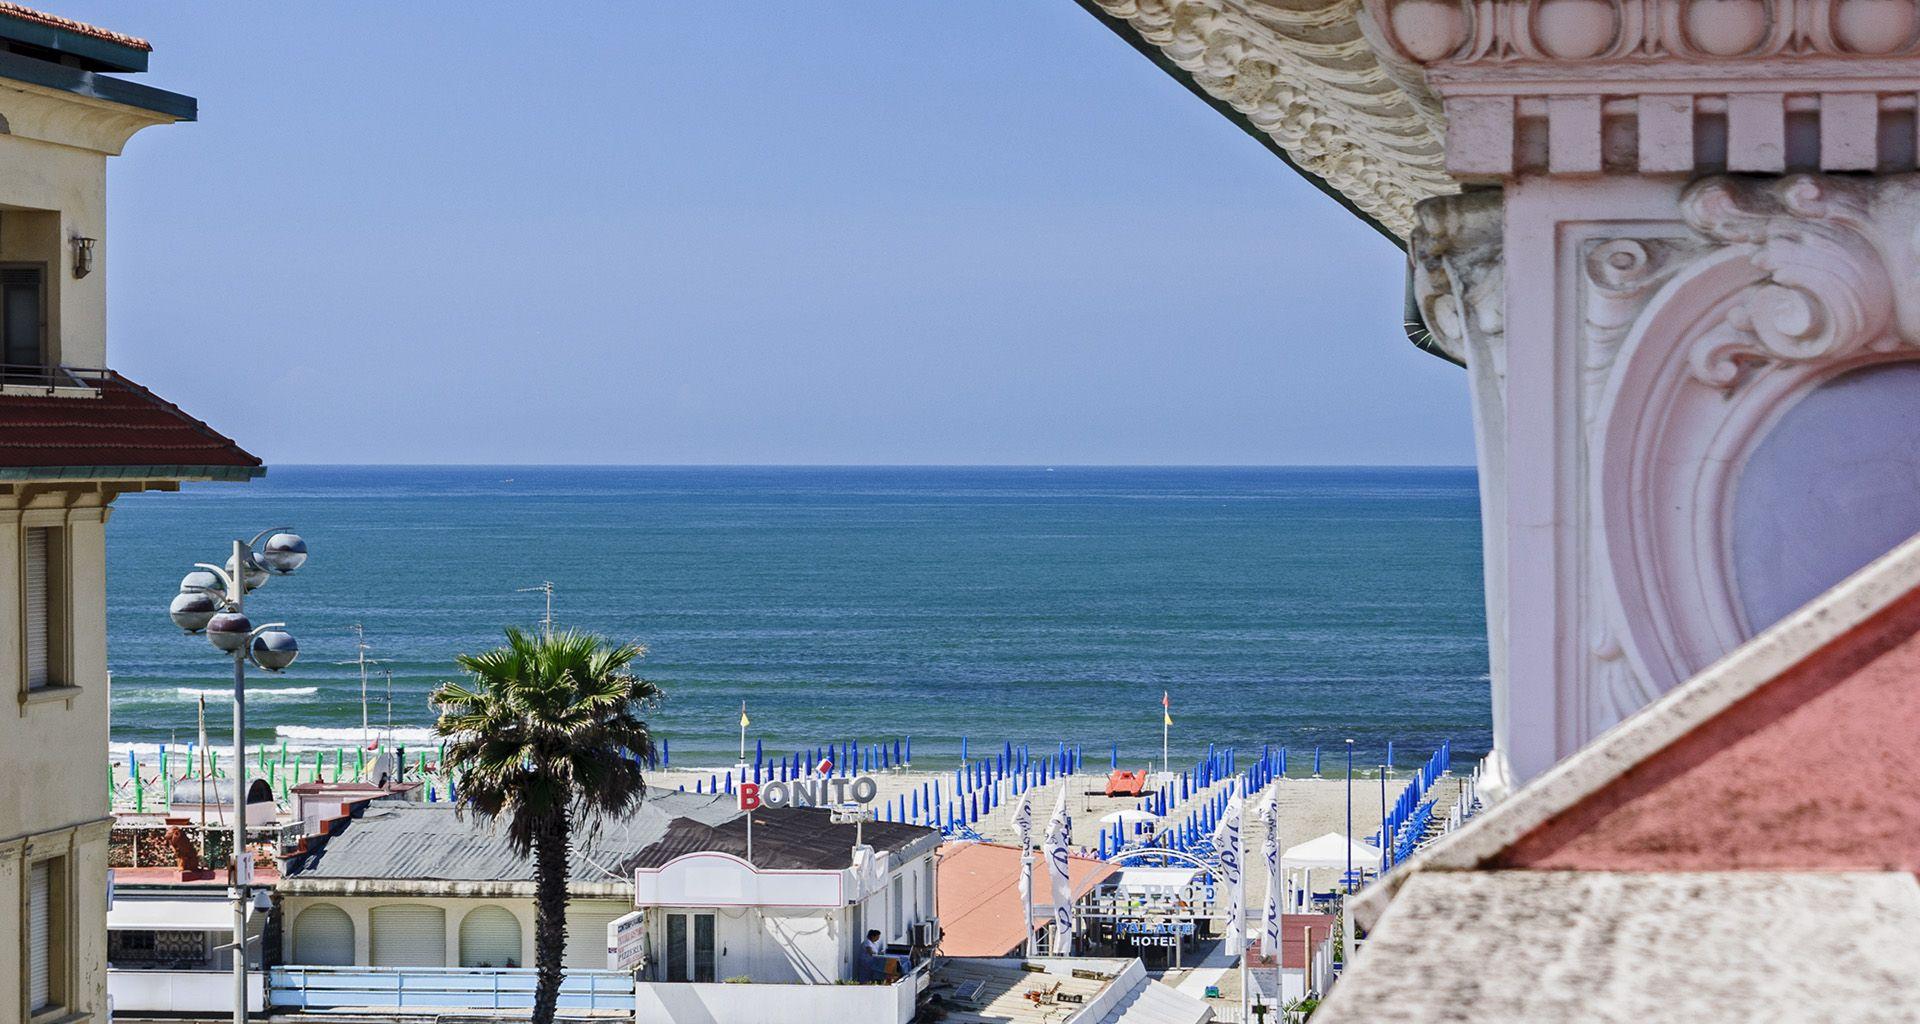 Hotel a Viareggio in Versilia, albergo Katy bed & breakfast 3 stelle vicino al mare e alla spiaggia